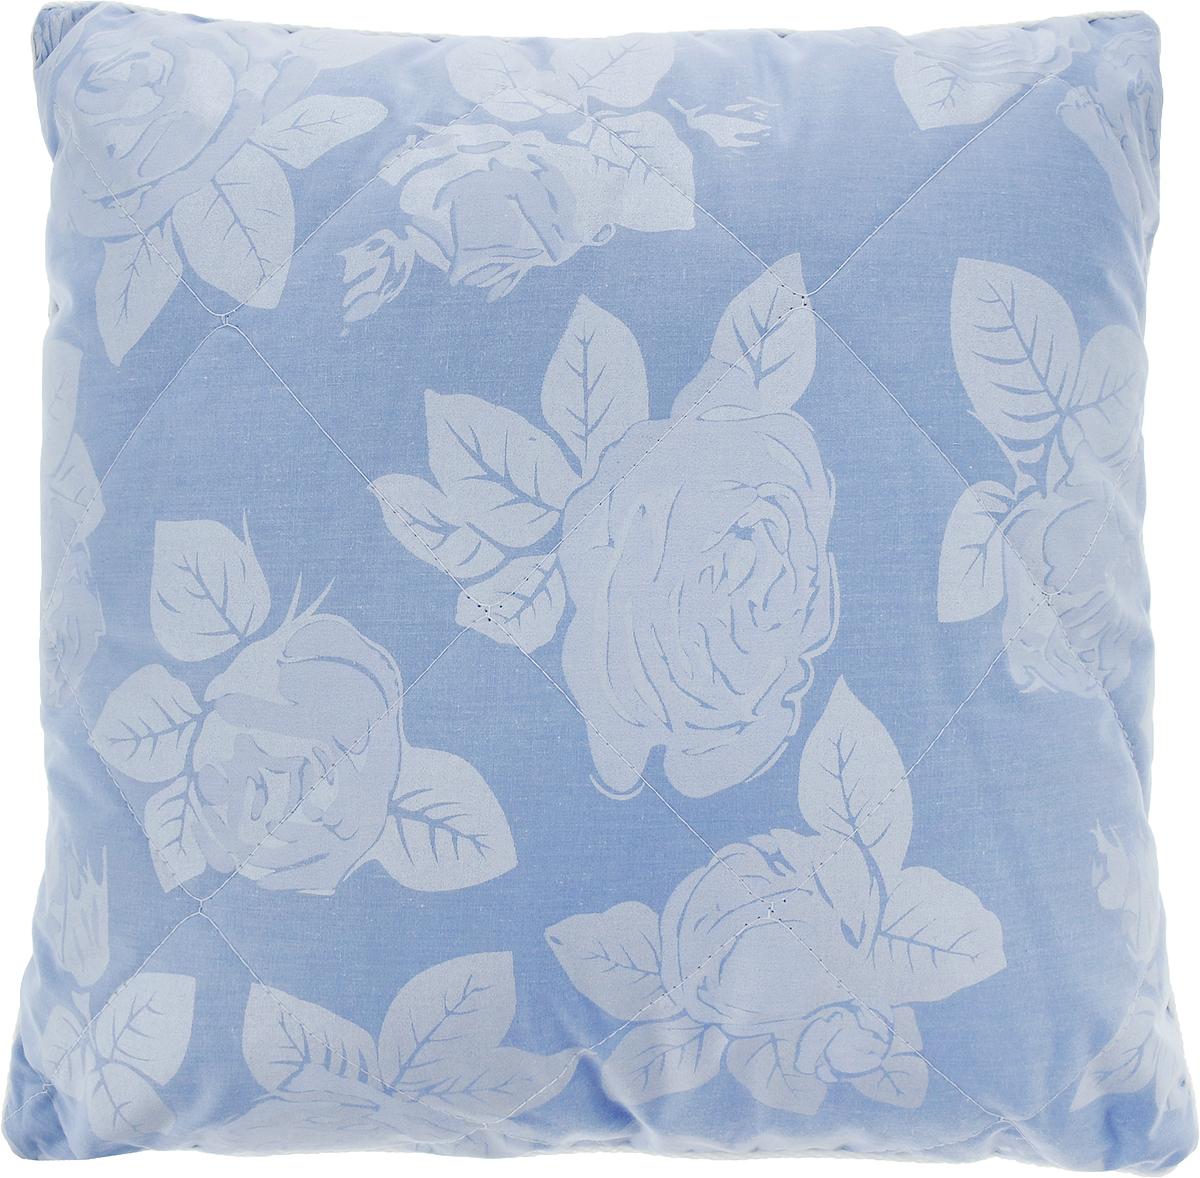 Подушка Bio-Teхtiles Сила природы, наполнитель: лузга гречихи, цвет: голубой, 40 х 40 см